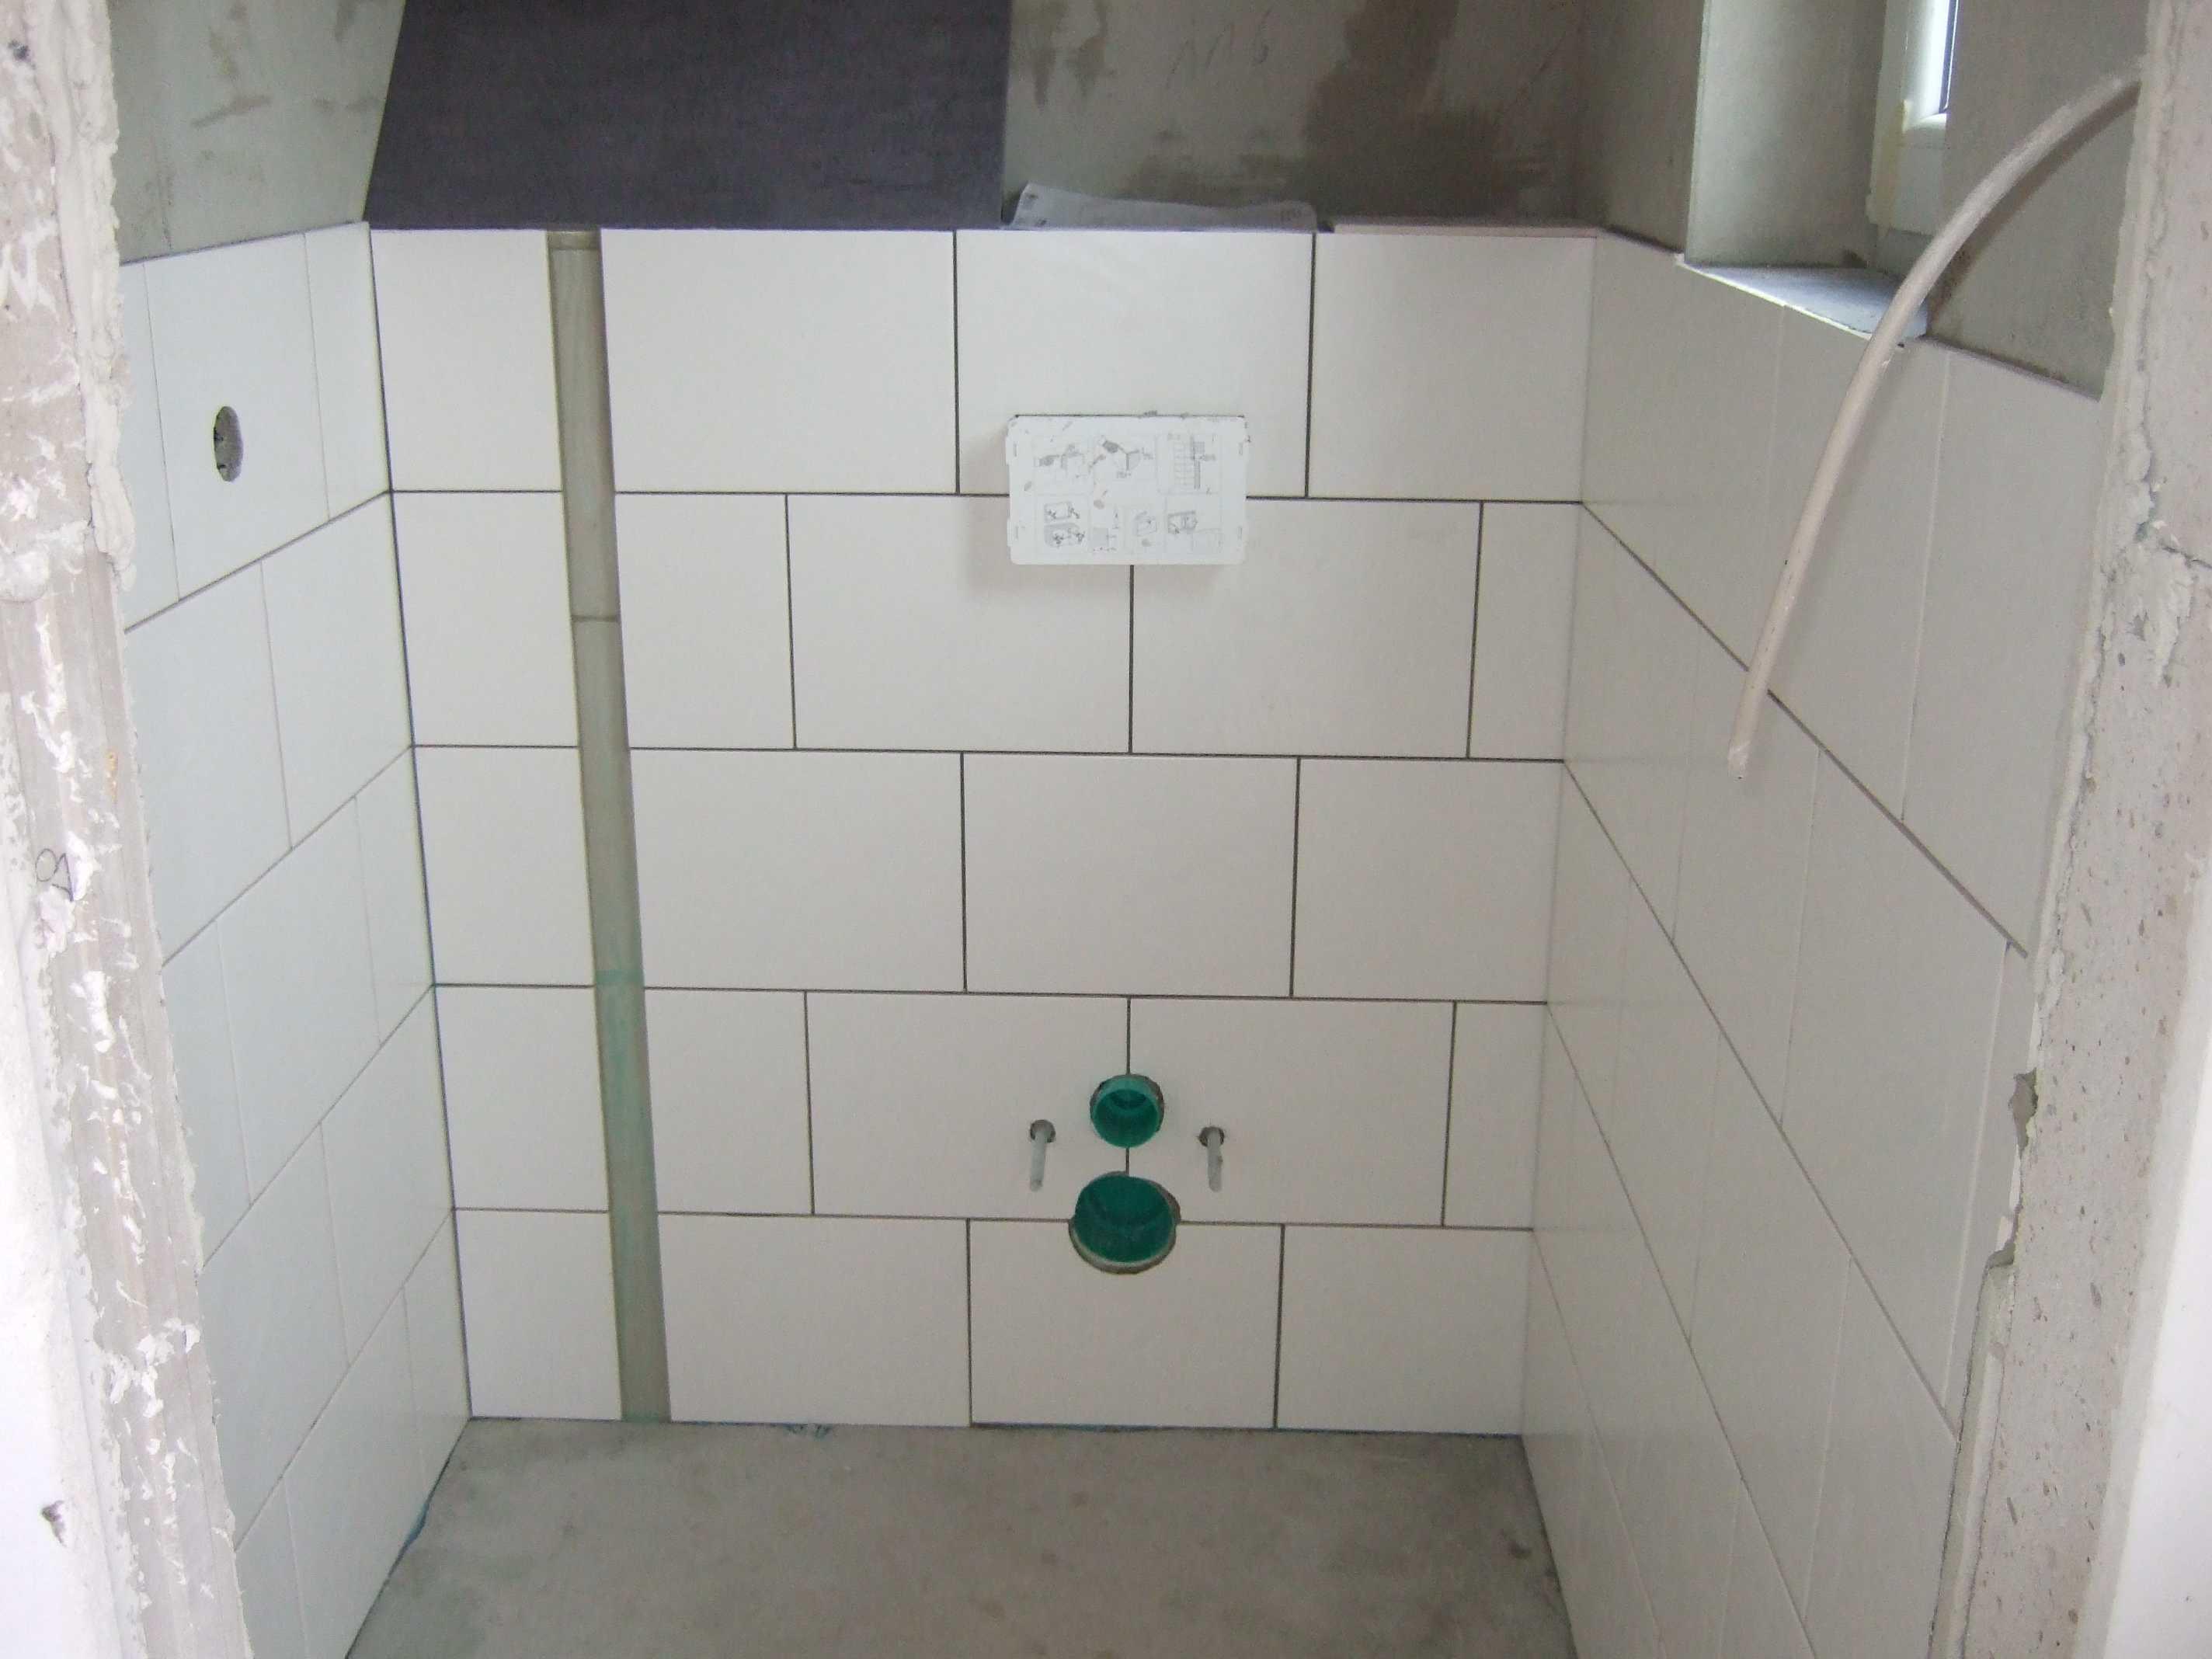 G ste wc verfliest klockenheide 29 der baublog - Verlegearten fliesen ...